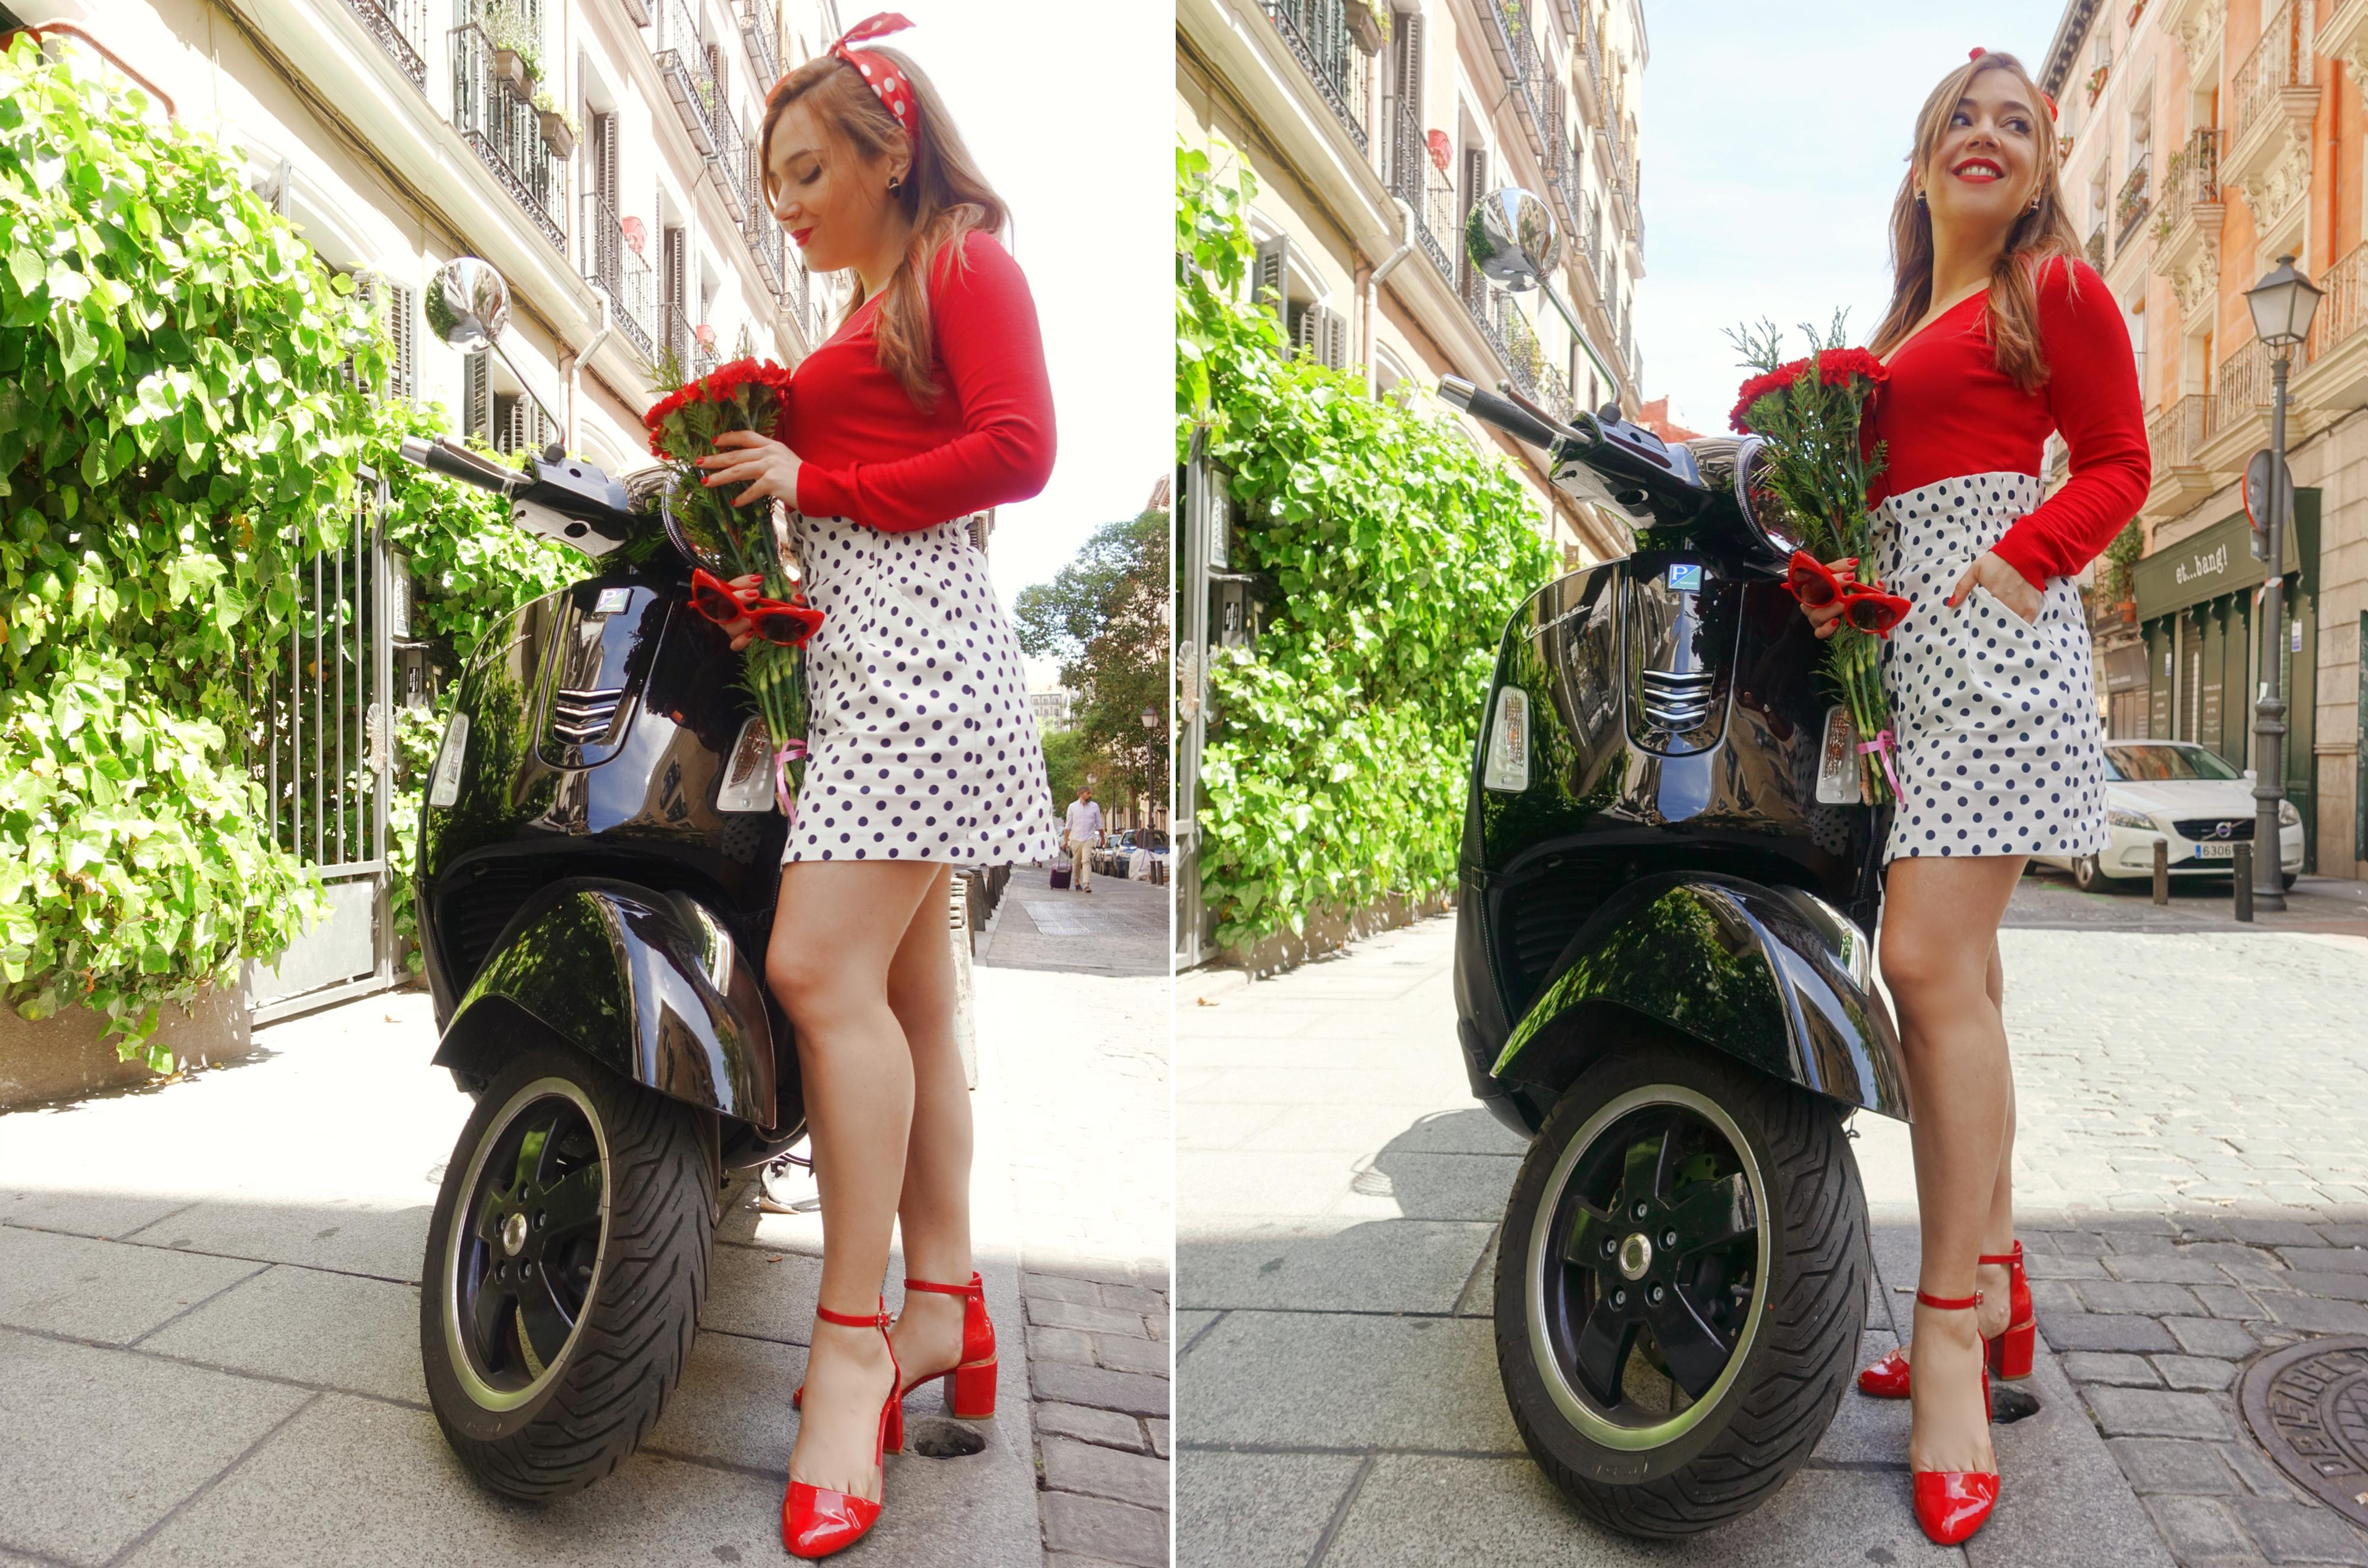 Falda-de-lunares-polka-dot-look-ChicAdicta-blog-de-moda-PiensaenChic-Chic-Adicta-influencer-vespa-red-style-Piensa-en-Chic